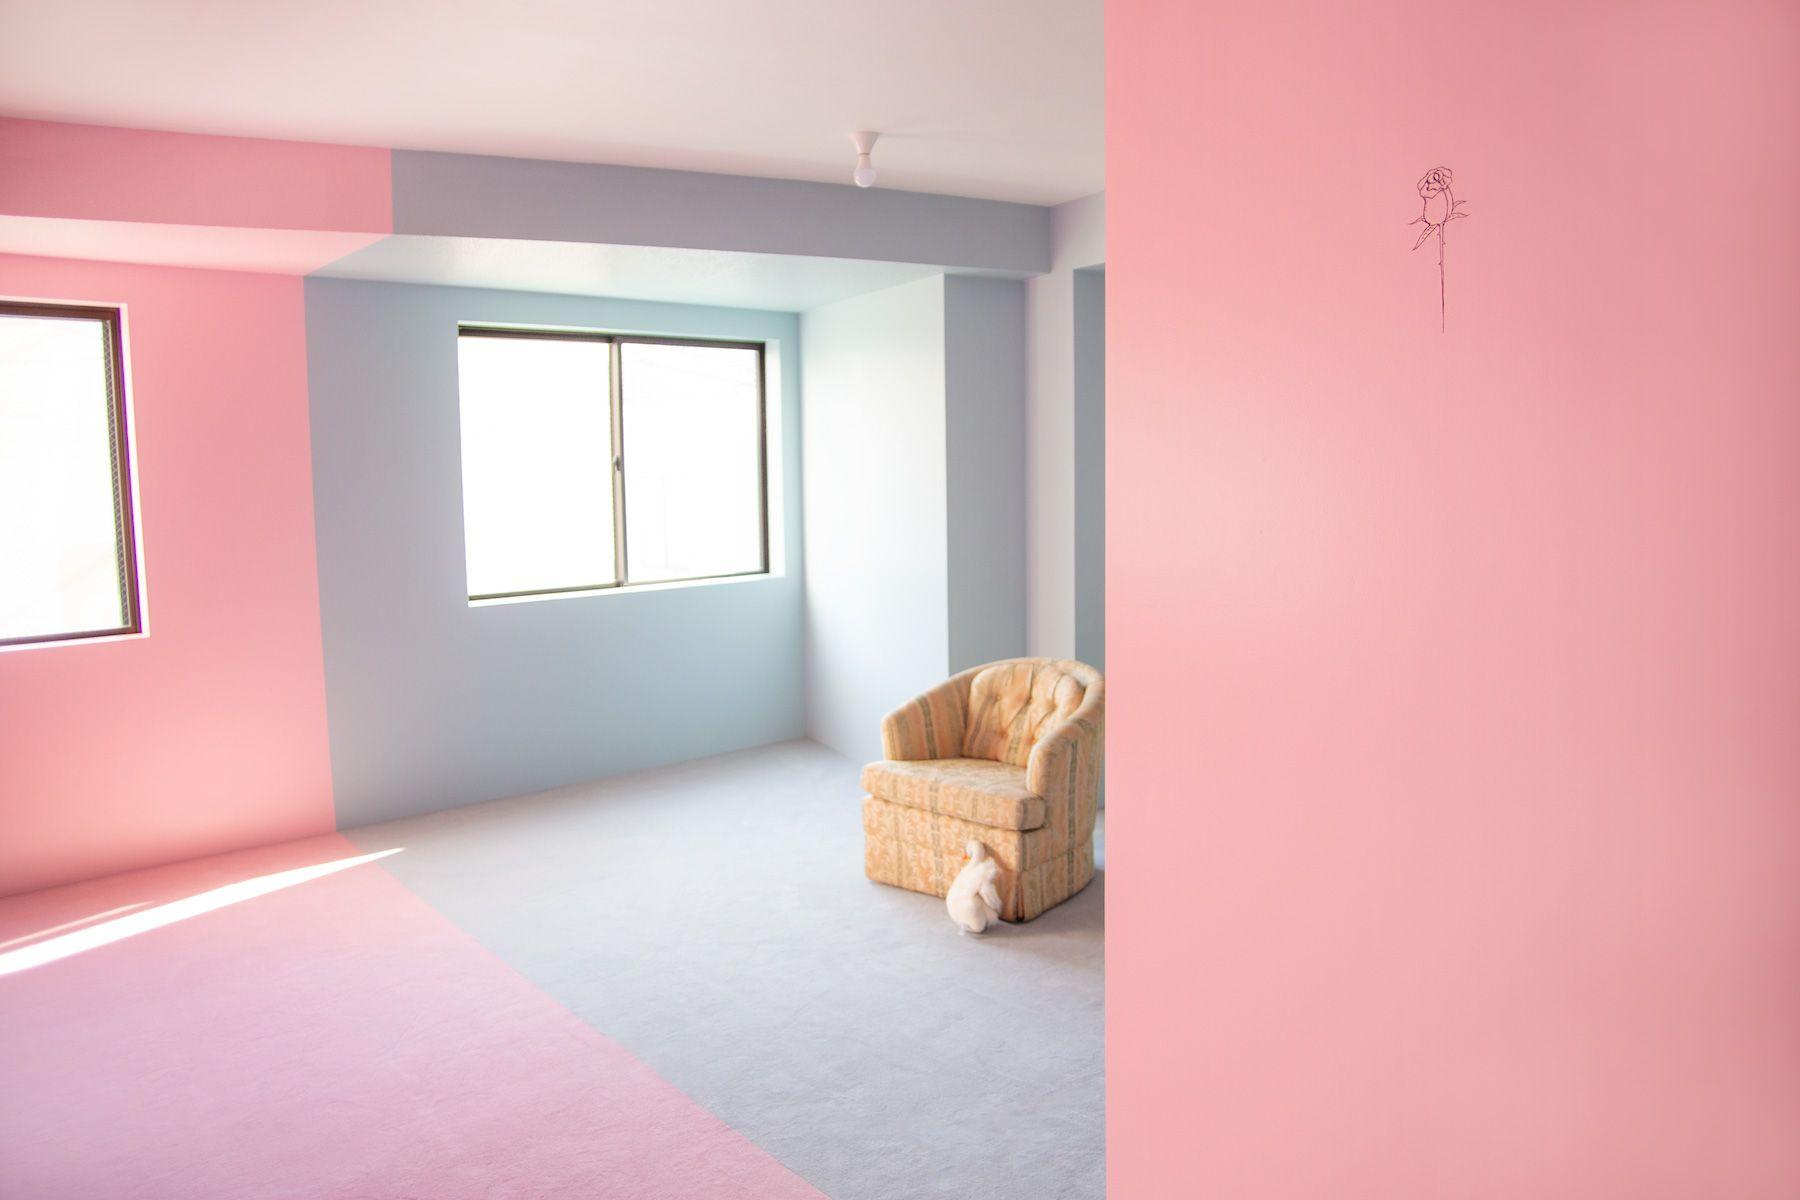 PANSY STUDIO(パンジースタジオ)カラーで分かれています